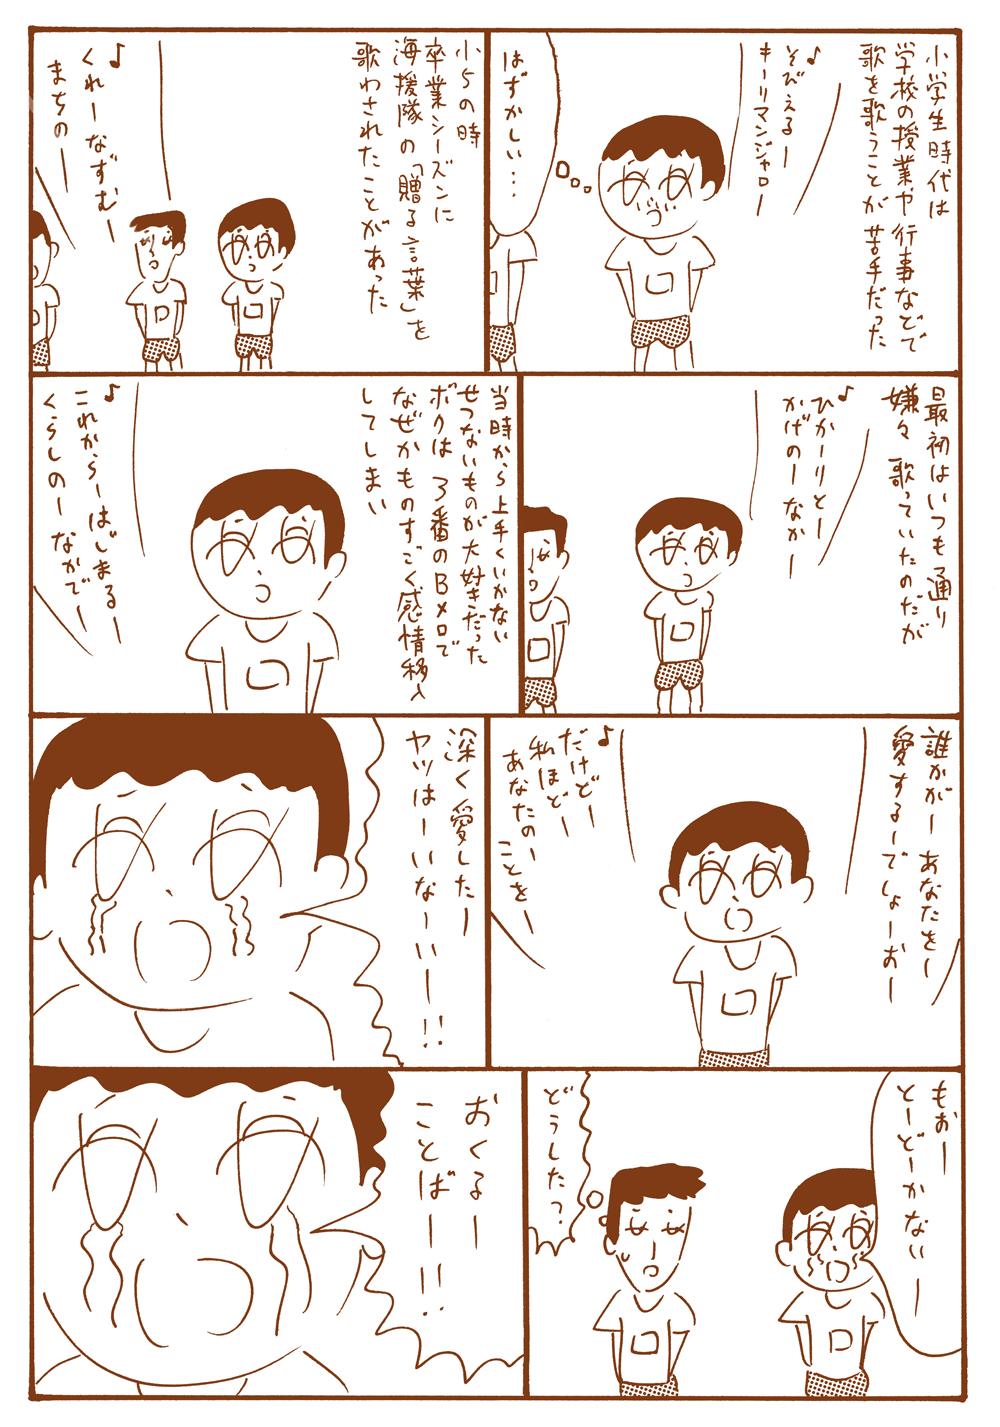 oohashi-hiroyuki-024